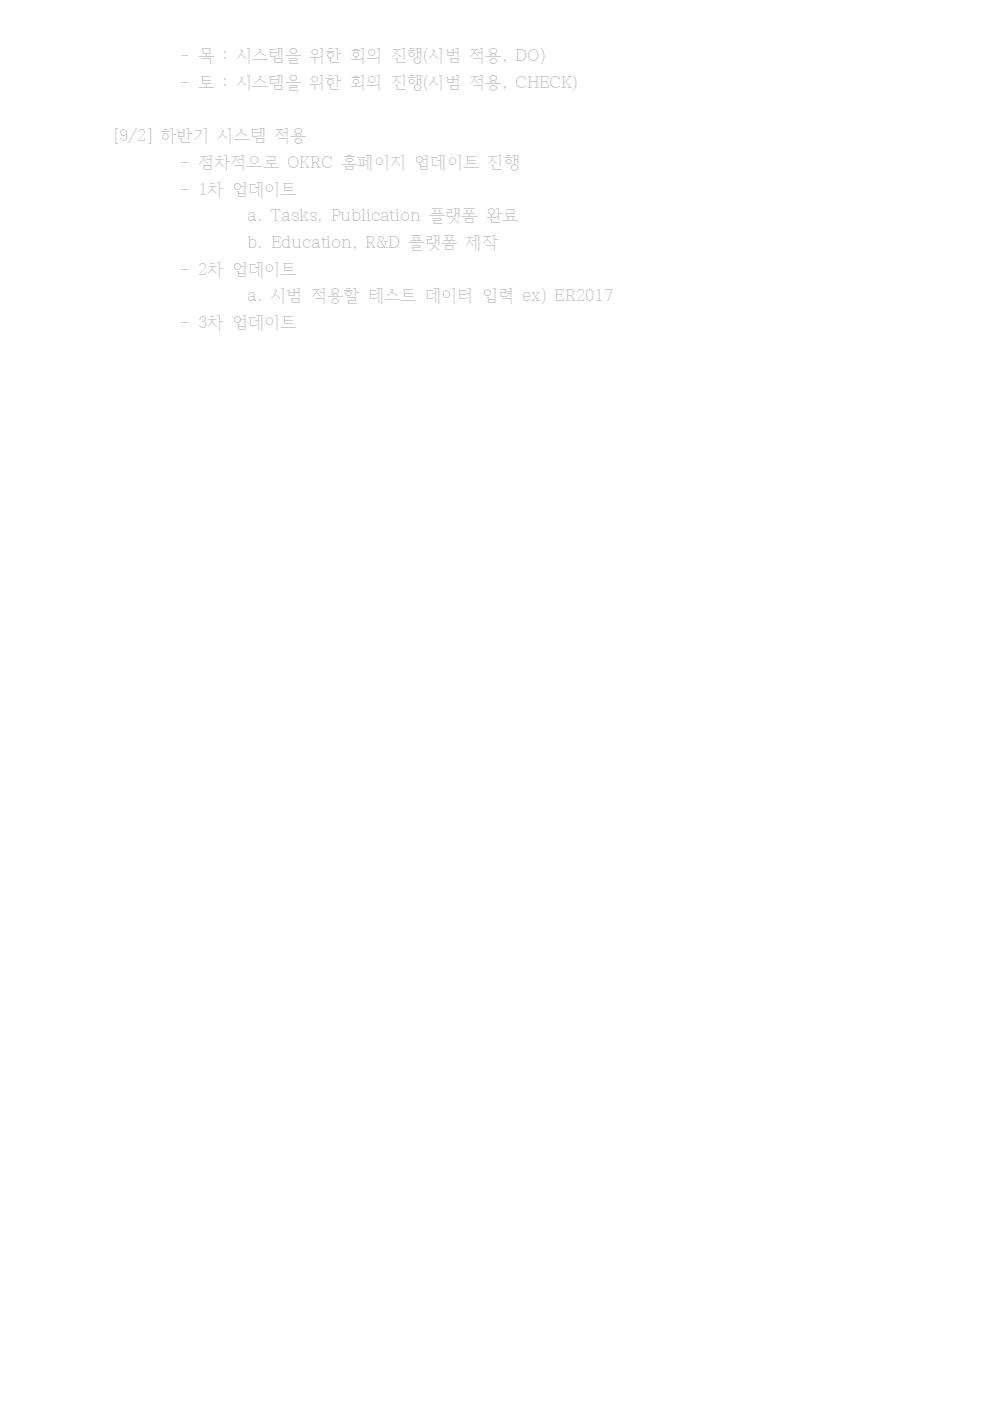 1-월-2017-09-18-PLAN(JS)002.jpg